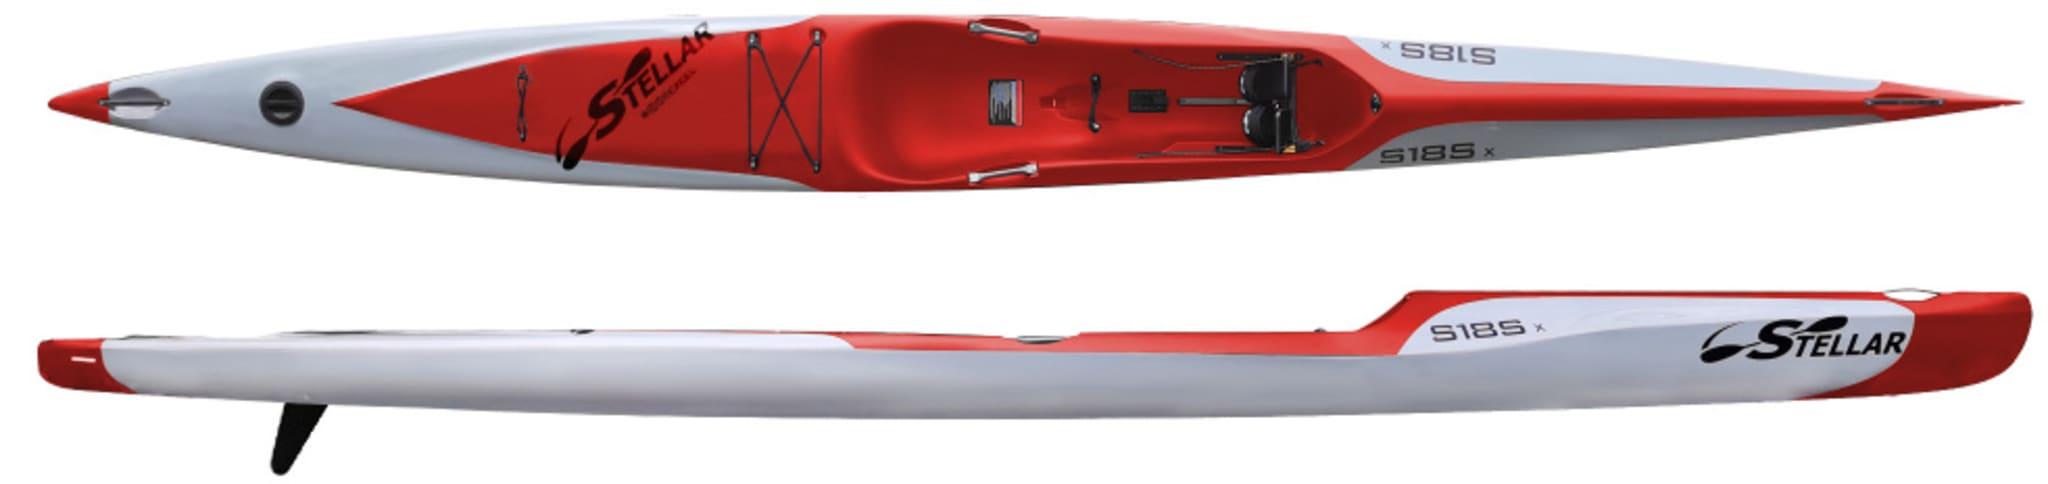 Ny variant av S18S med vektreduskjon på opp til 1,5 kg